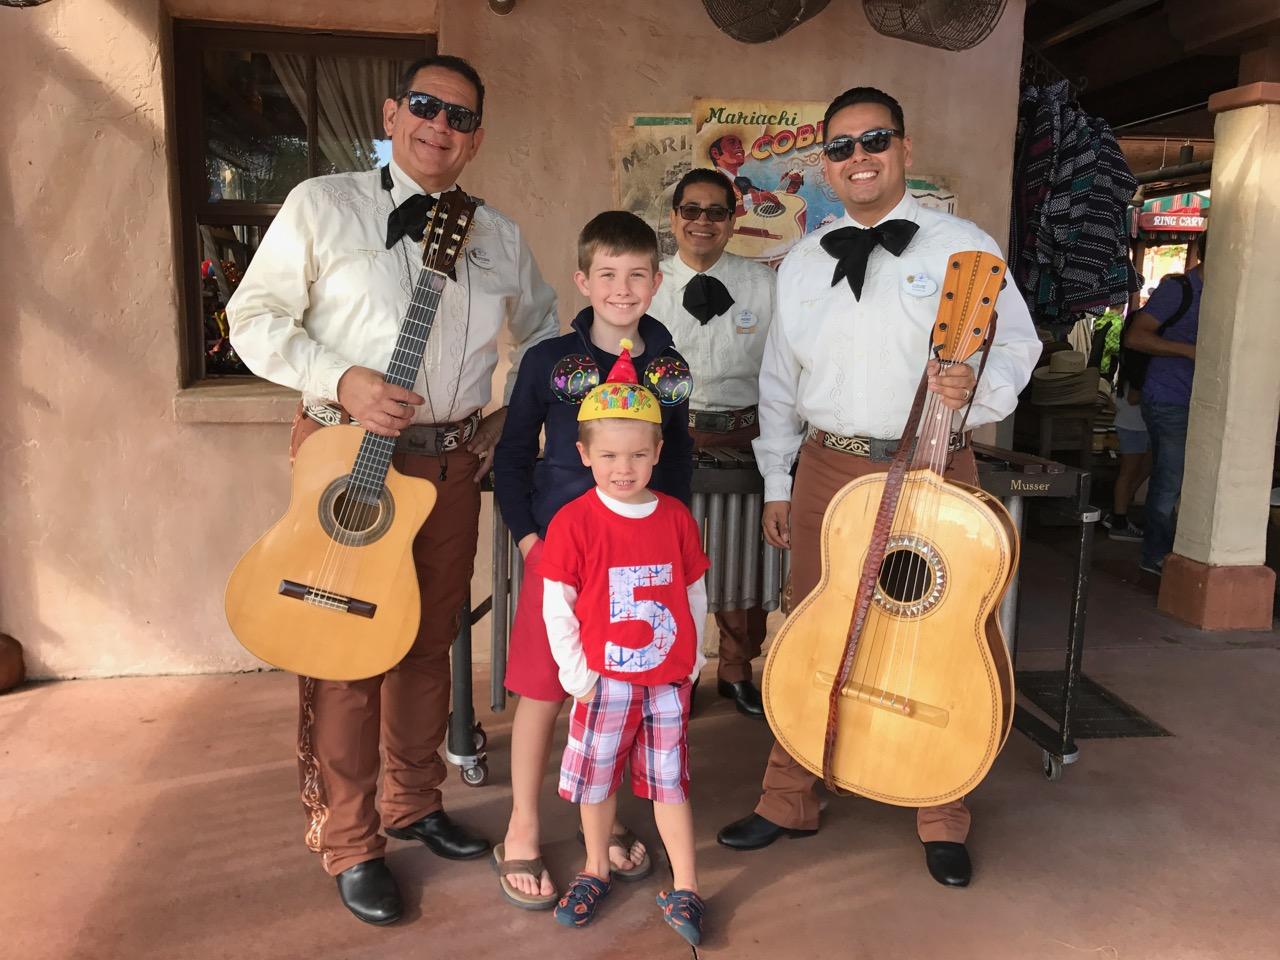 Epcot Mariachi Cobre Trio